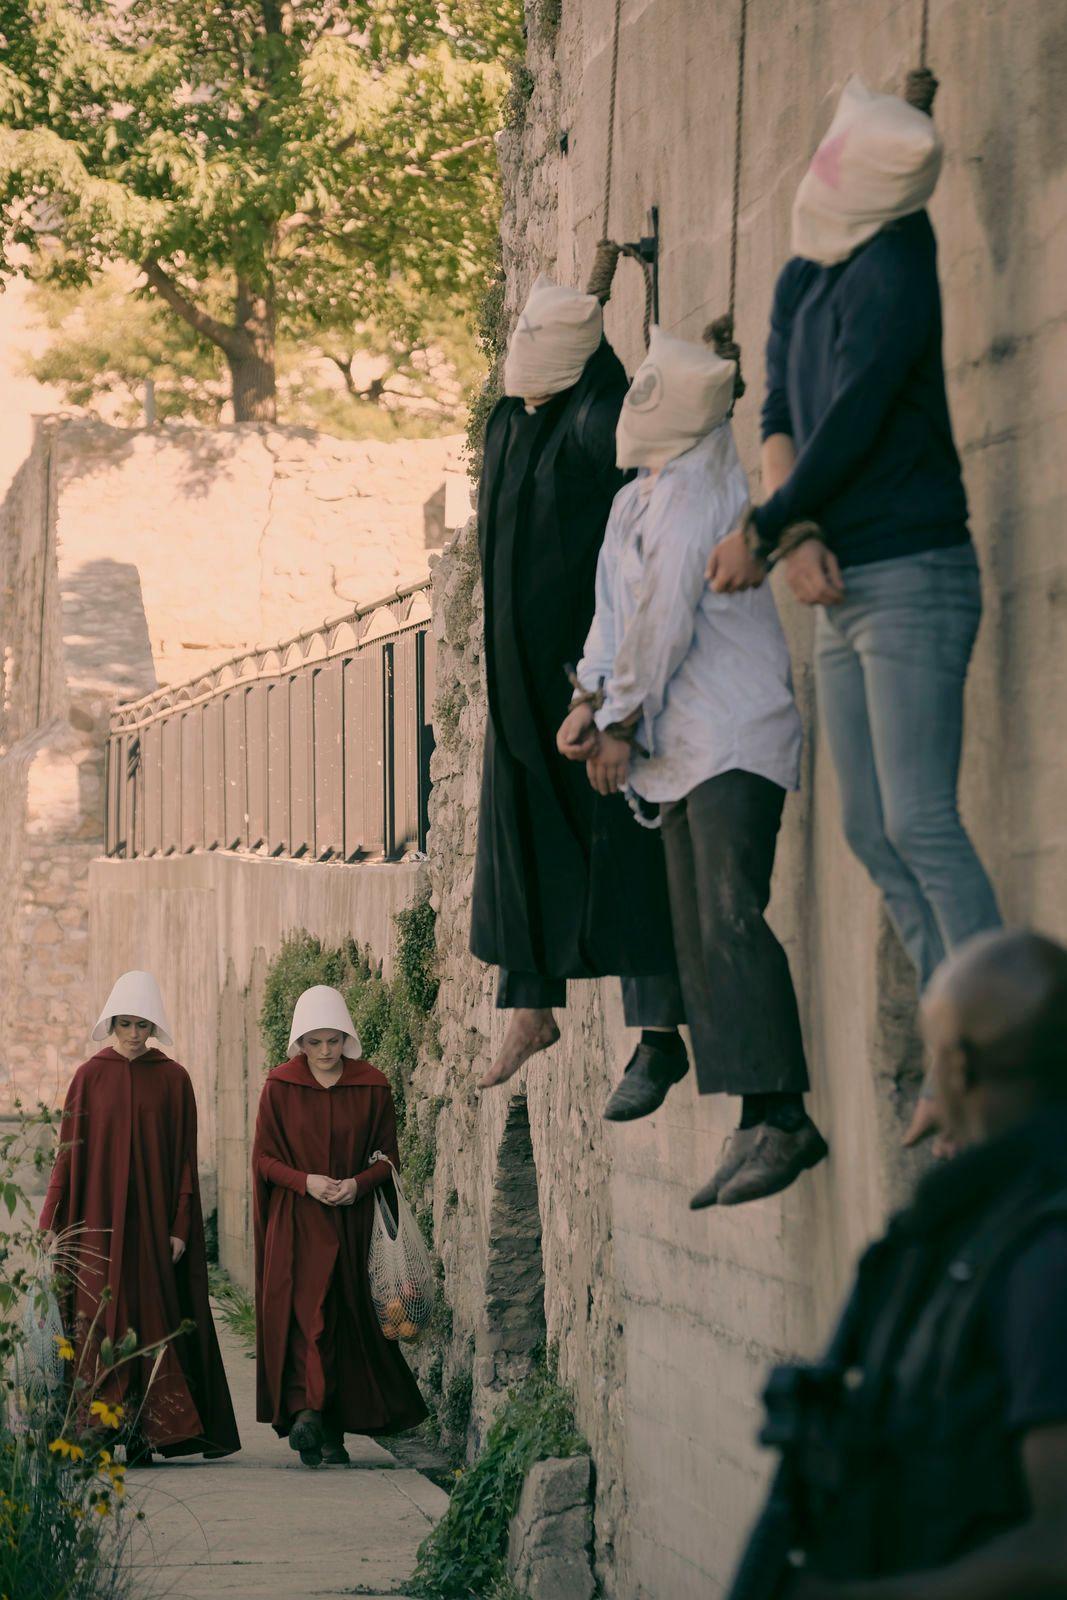 OFFENTLIGE HENRETTELSER: Ofglen (Alexis Bledel) og Offred (Elisabeth Moss) tar turen forbi hengte syndere.